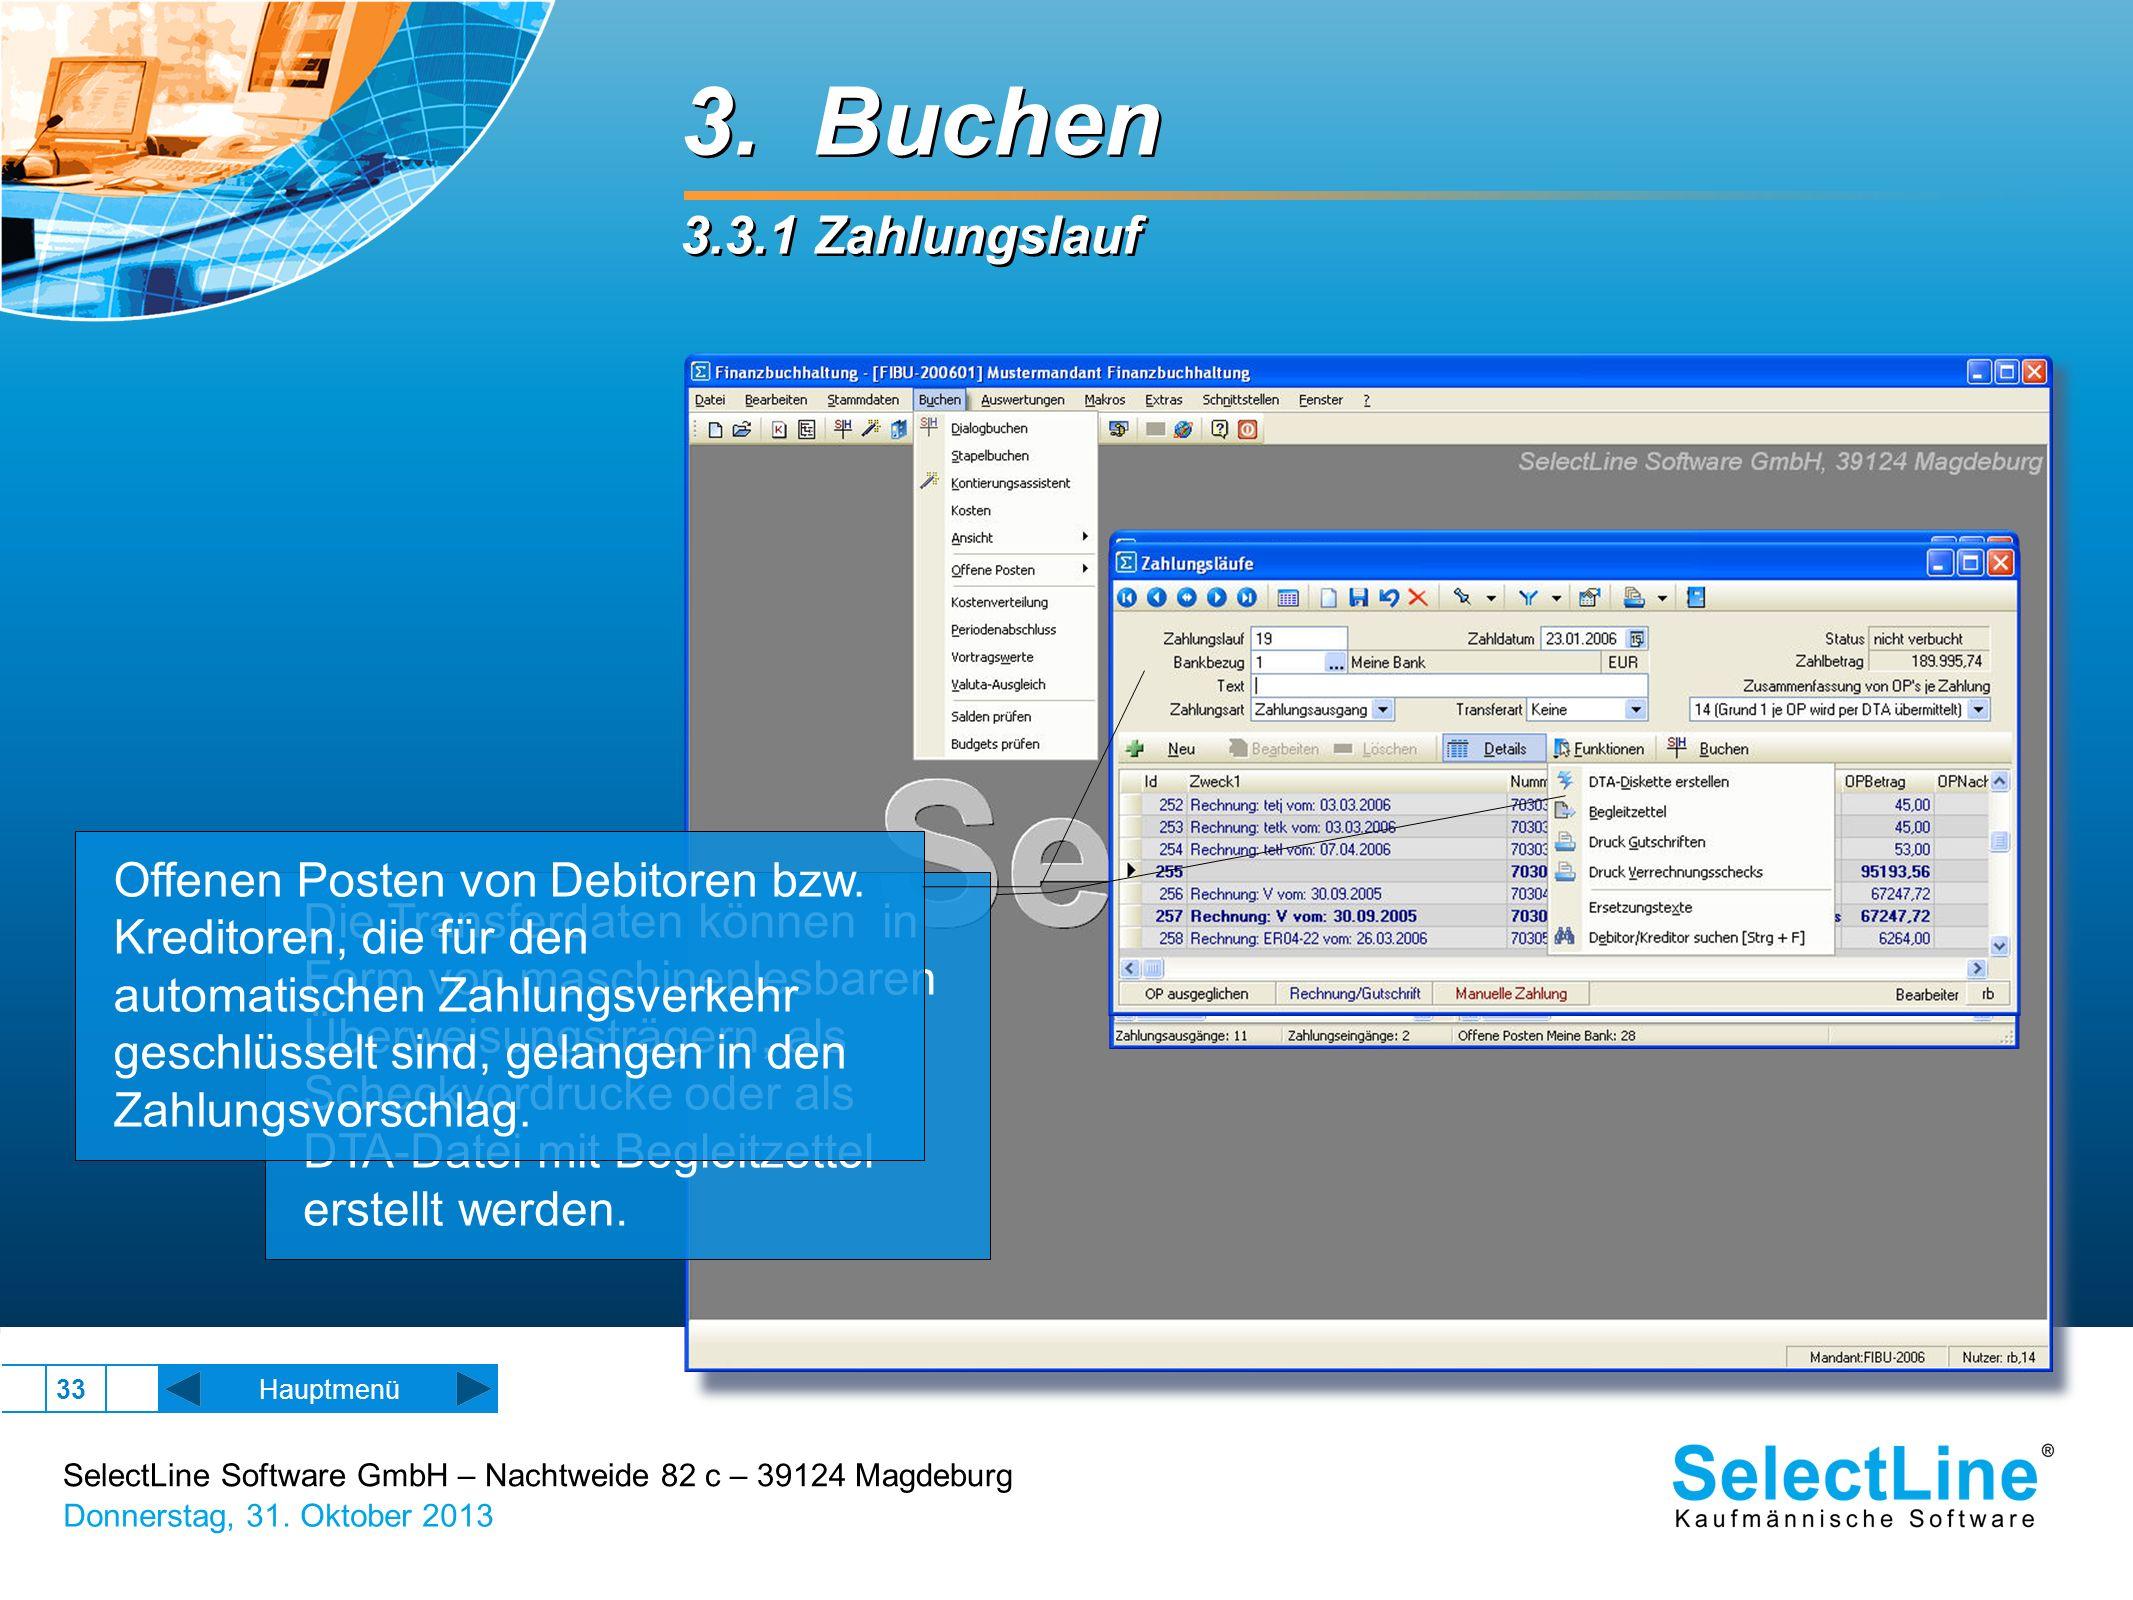 SelectLine Software GmbH – Nachtweide 82 c – 39124 Magdeburg Donnerstag, 31. Oktober 2013 33 Hauptmenü 3. Buchen 3.3.1 Zahlungslauf 3. Buchen 3.3.1 Za